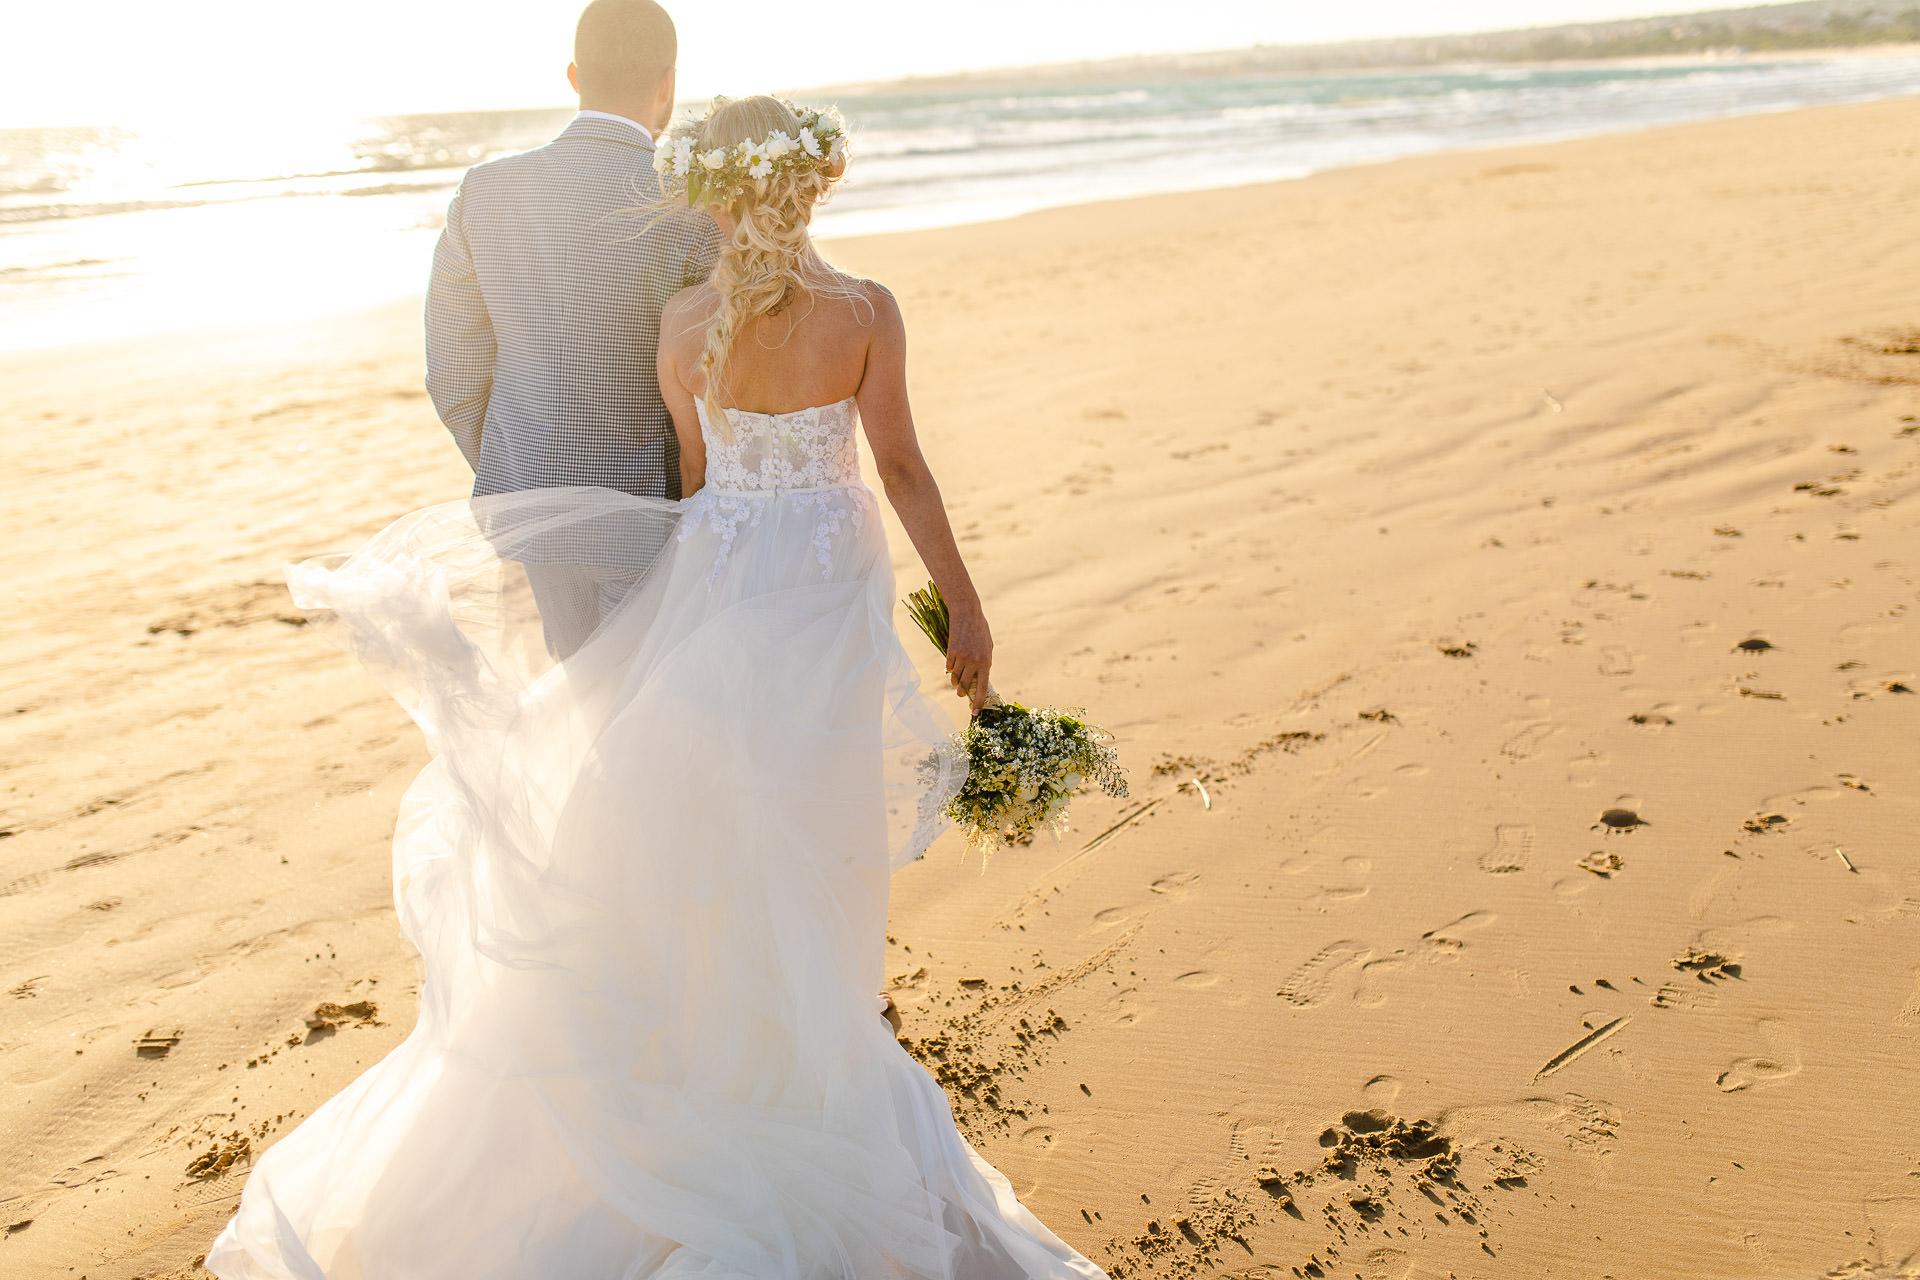 Sizilien, Italien Beach Elopement Portrait Bild | Es gab etwas Wind, der mit ihrem Kleid und ihren Haaren spielte